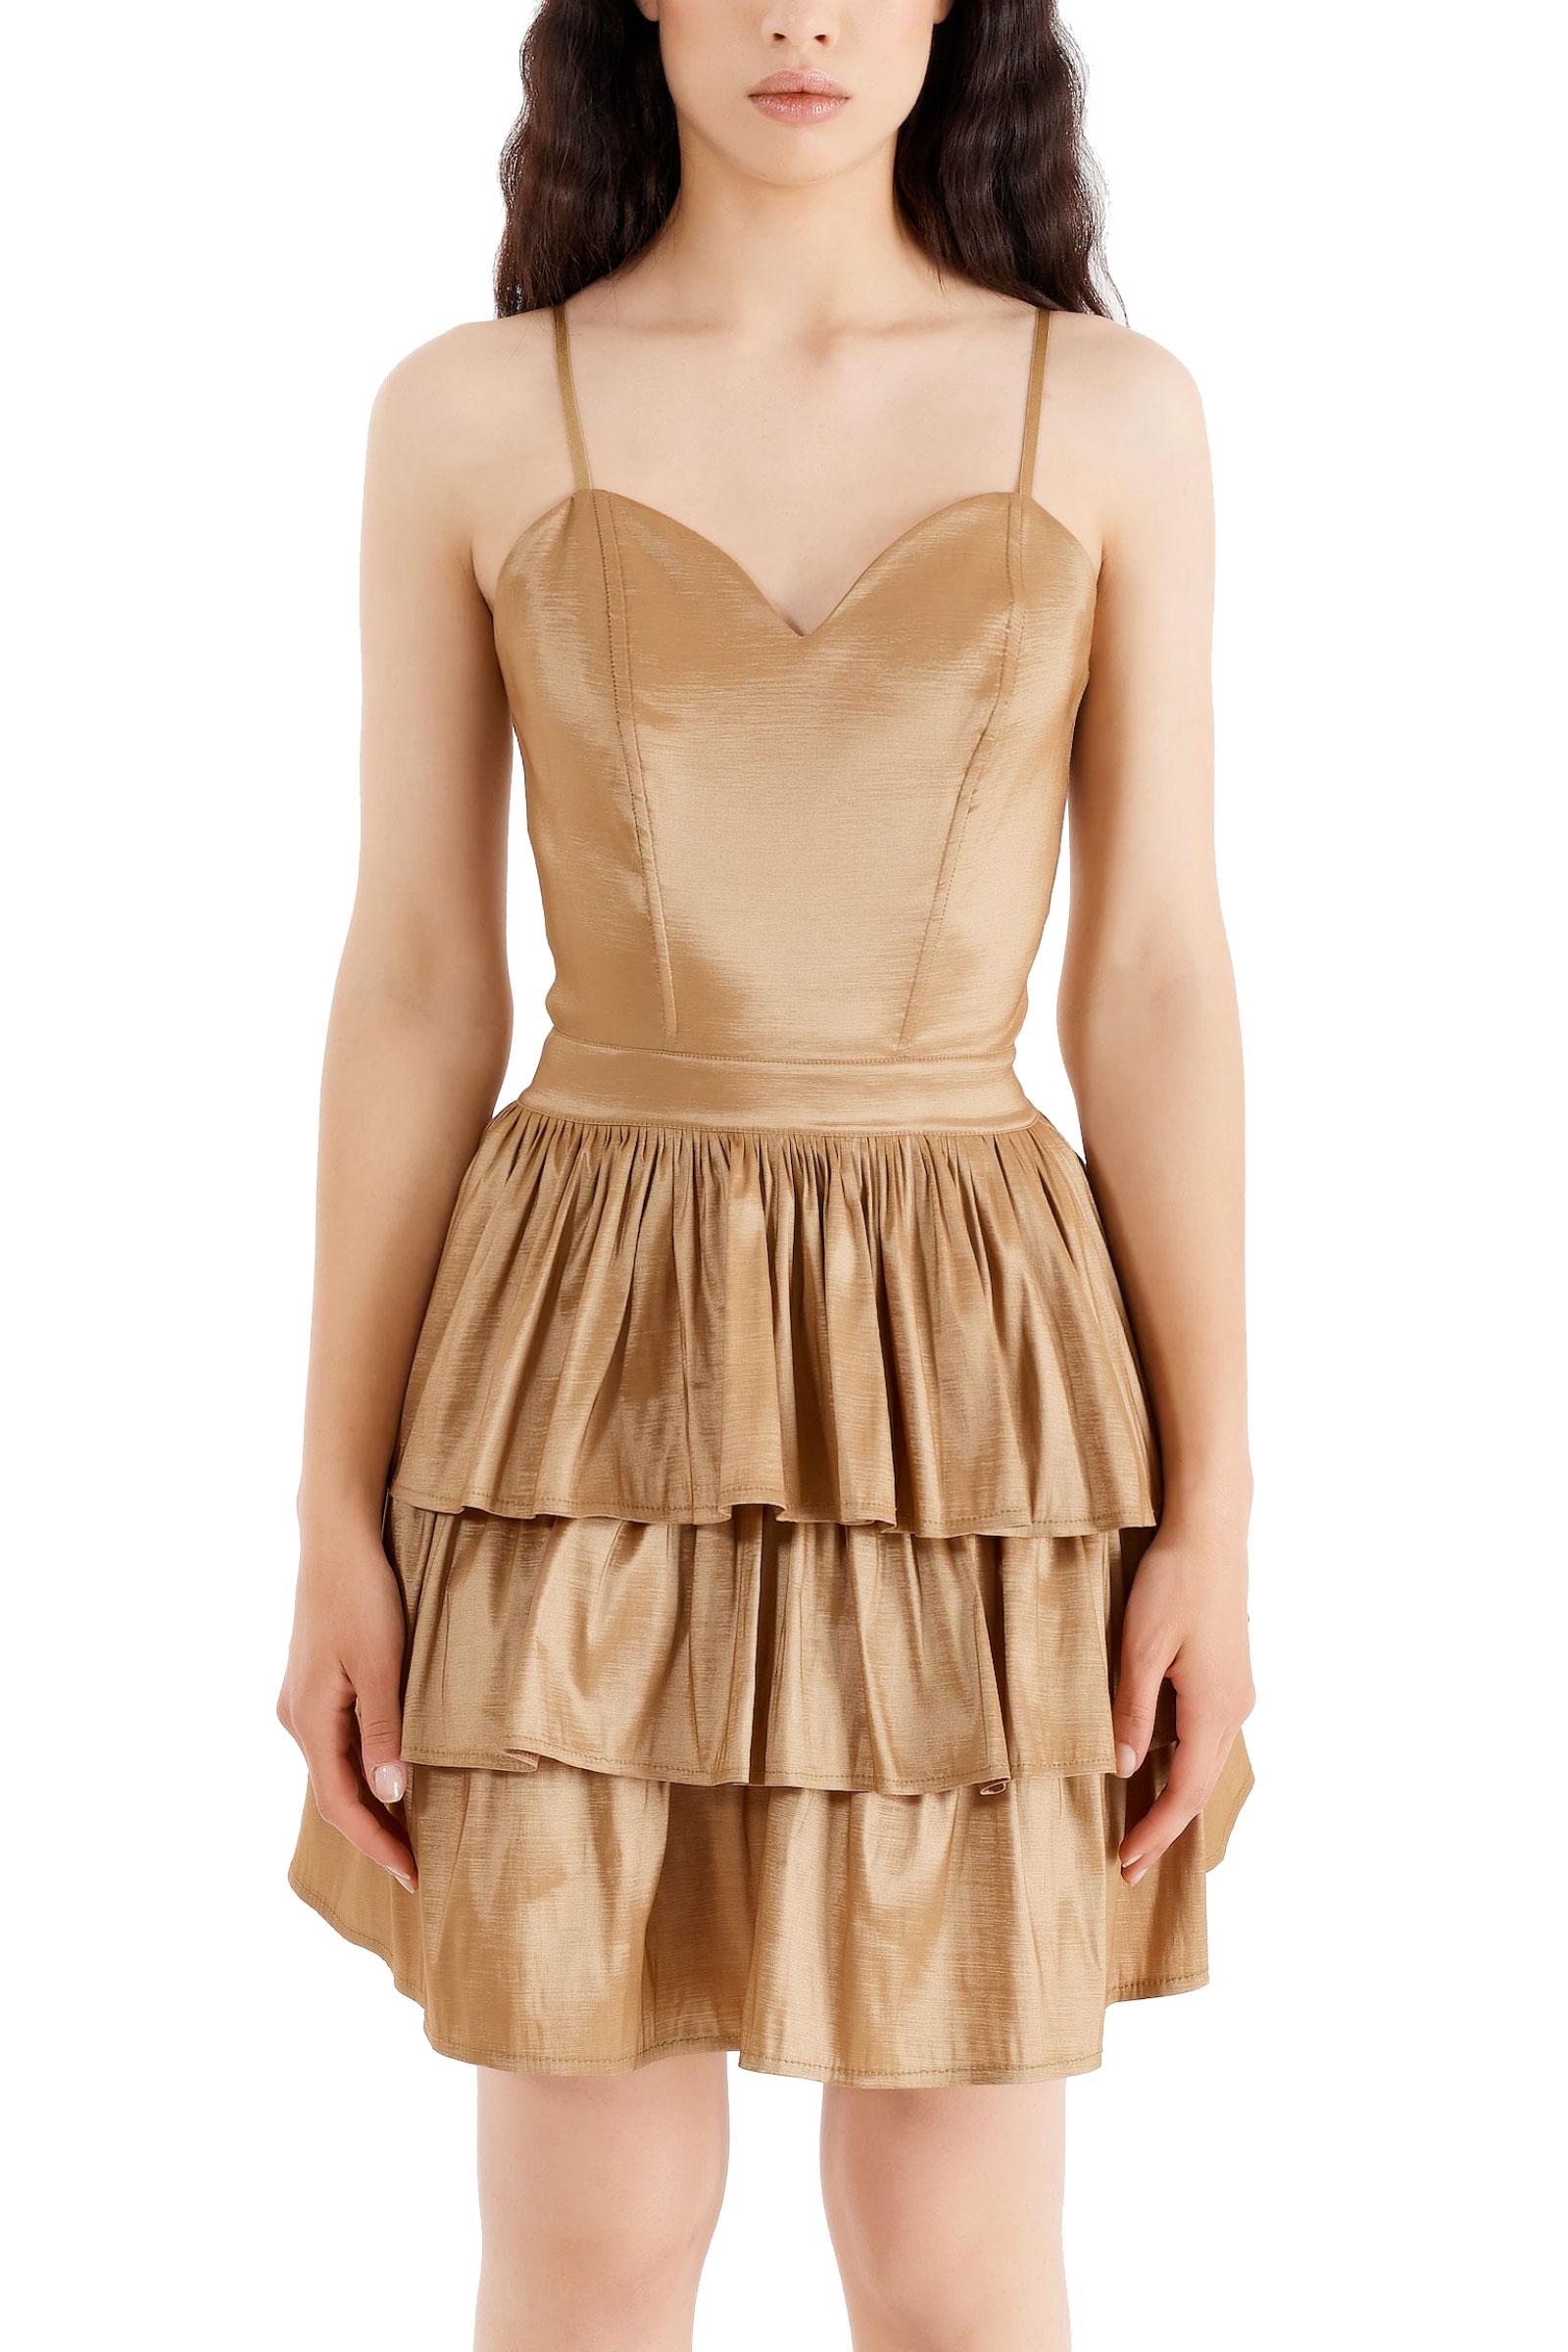 RINASCIMENTO | Dress | CFC0104725003B266